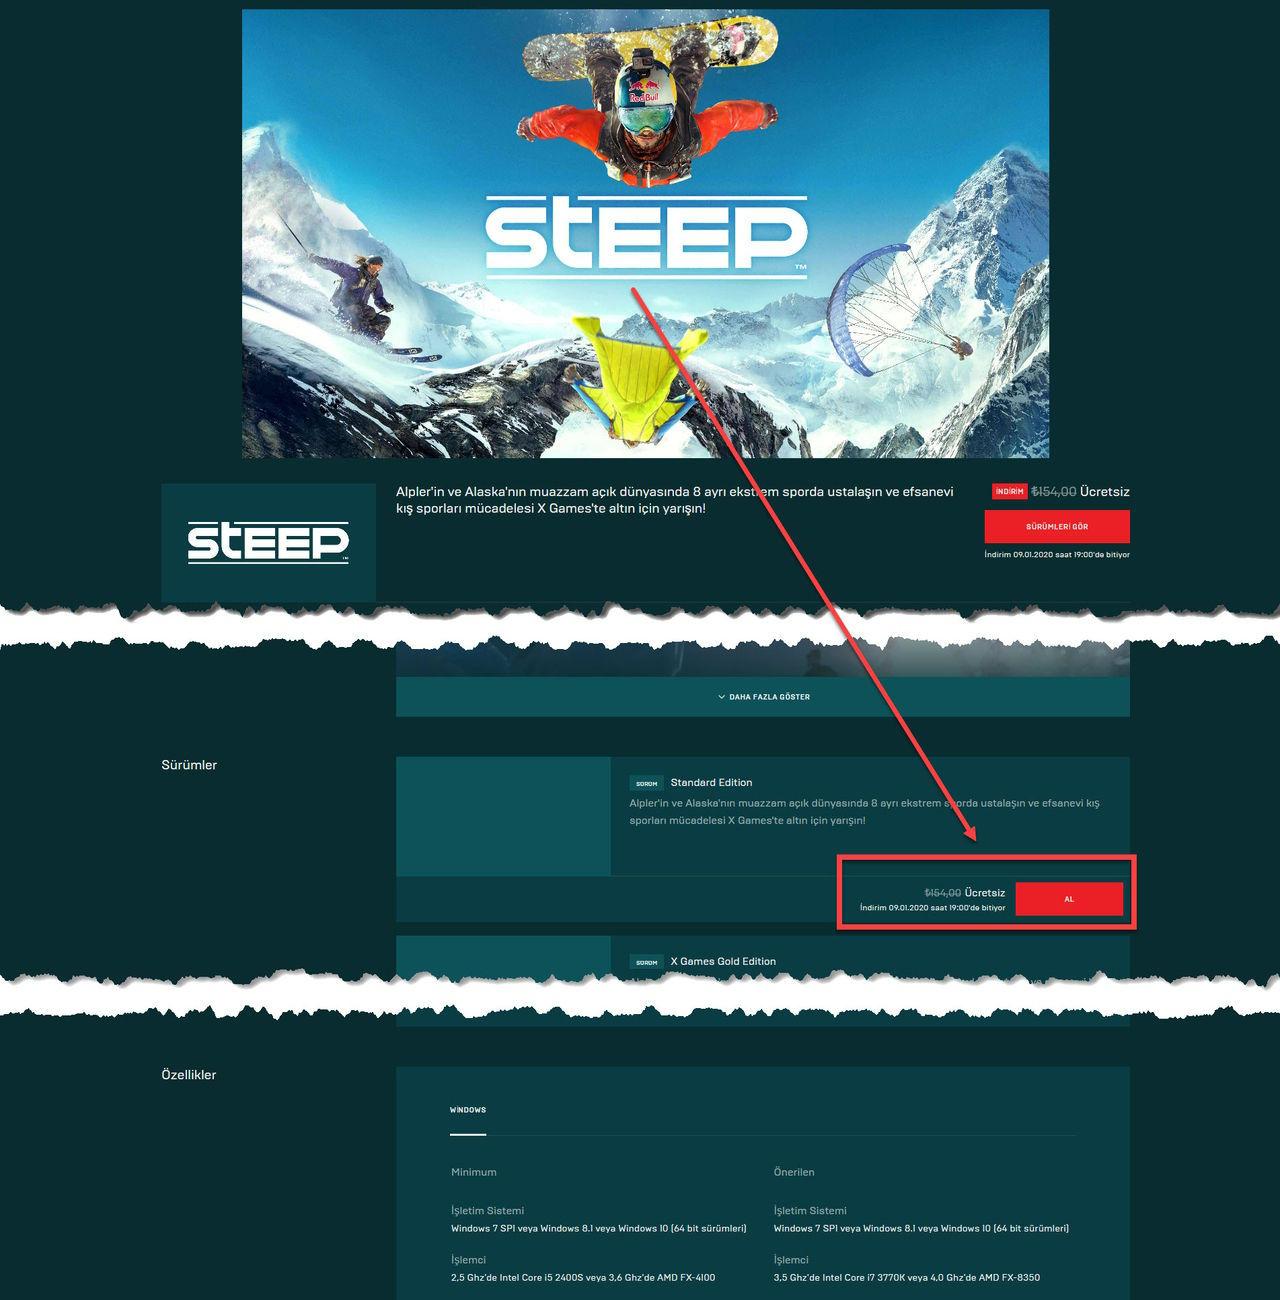 Kayak Oyunun Steep Bedava Oyun Kampanyası